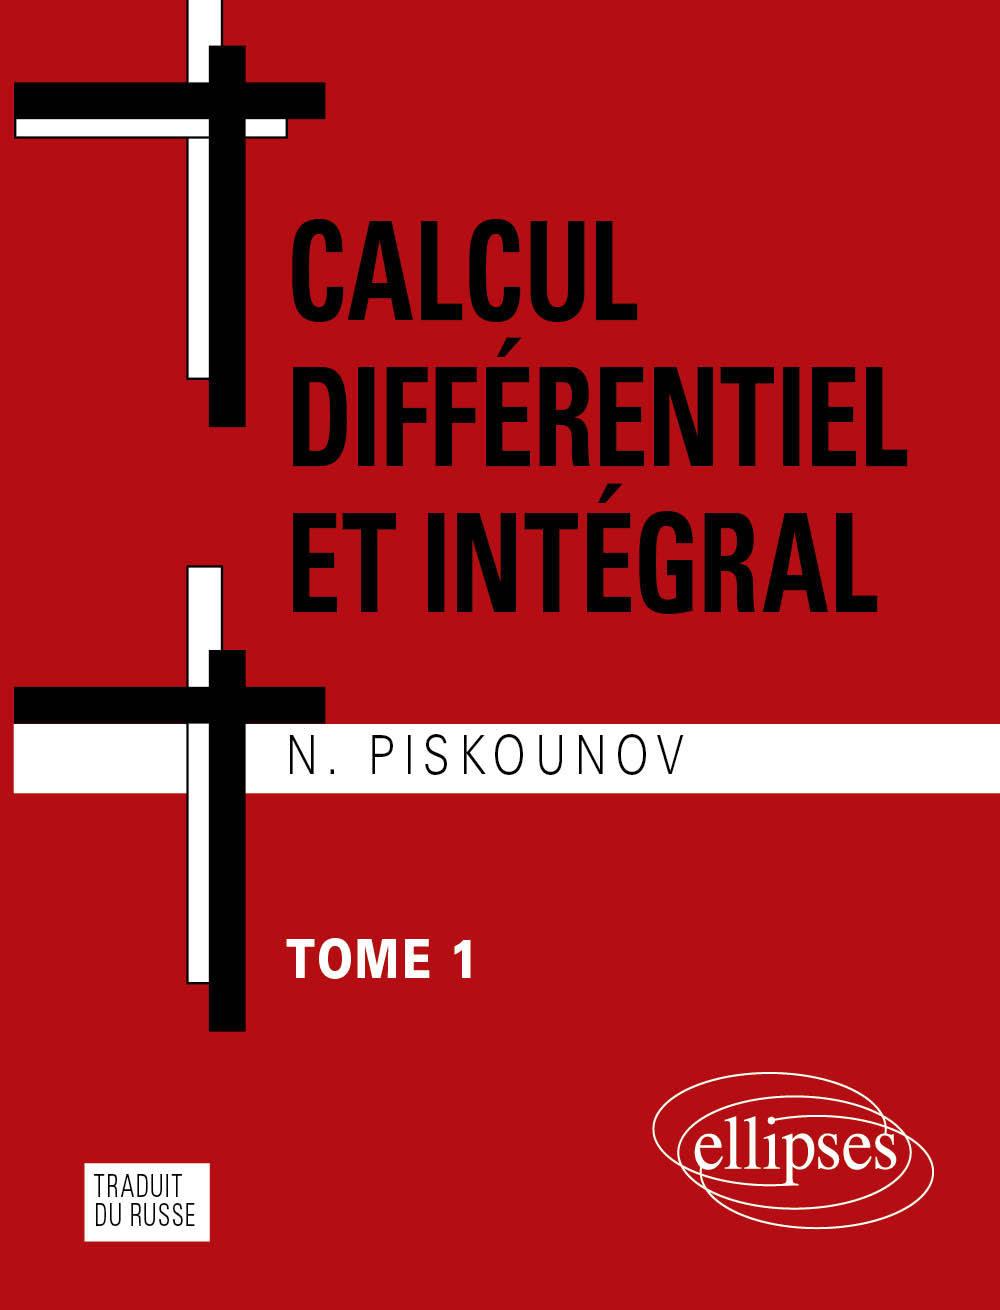 CALCUL INTEGRAL ET DIFFERENTIEL - TOME 1